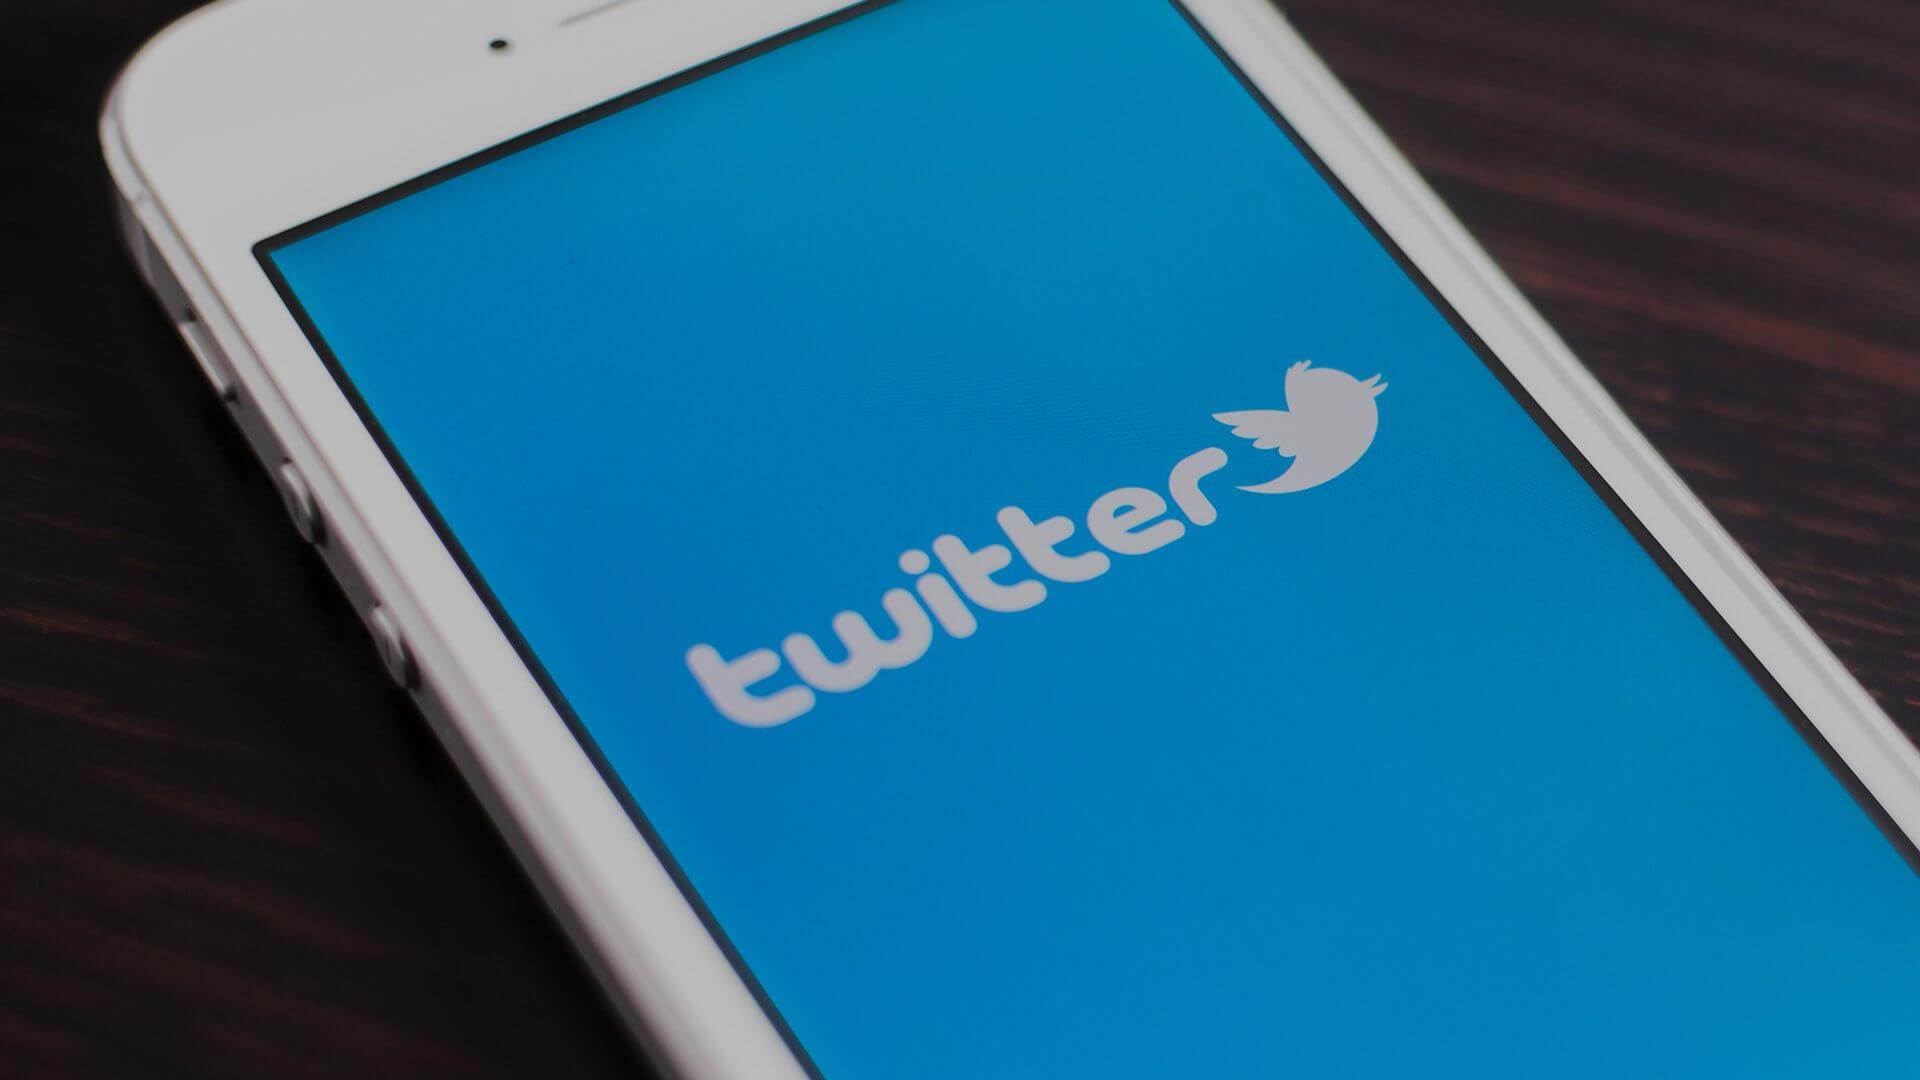 """5602fa10379a1 - """"Curtir"""" é a nova sensação do Twitter"""